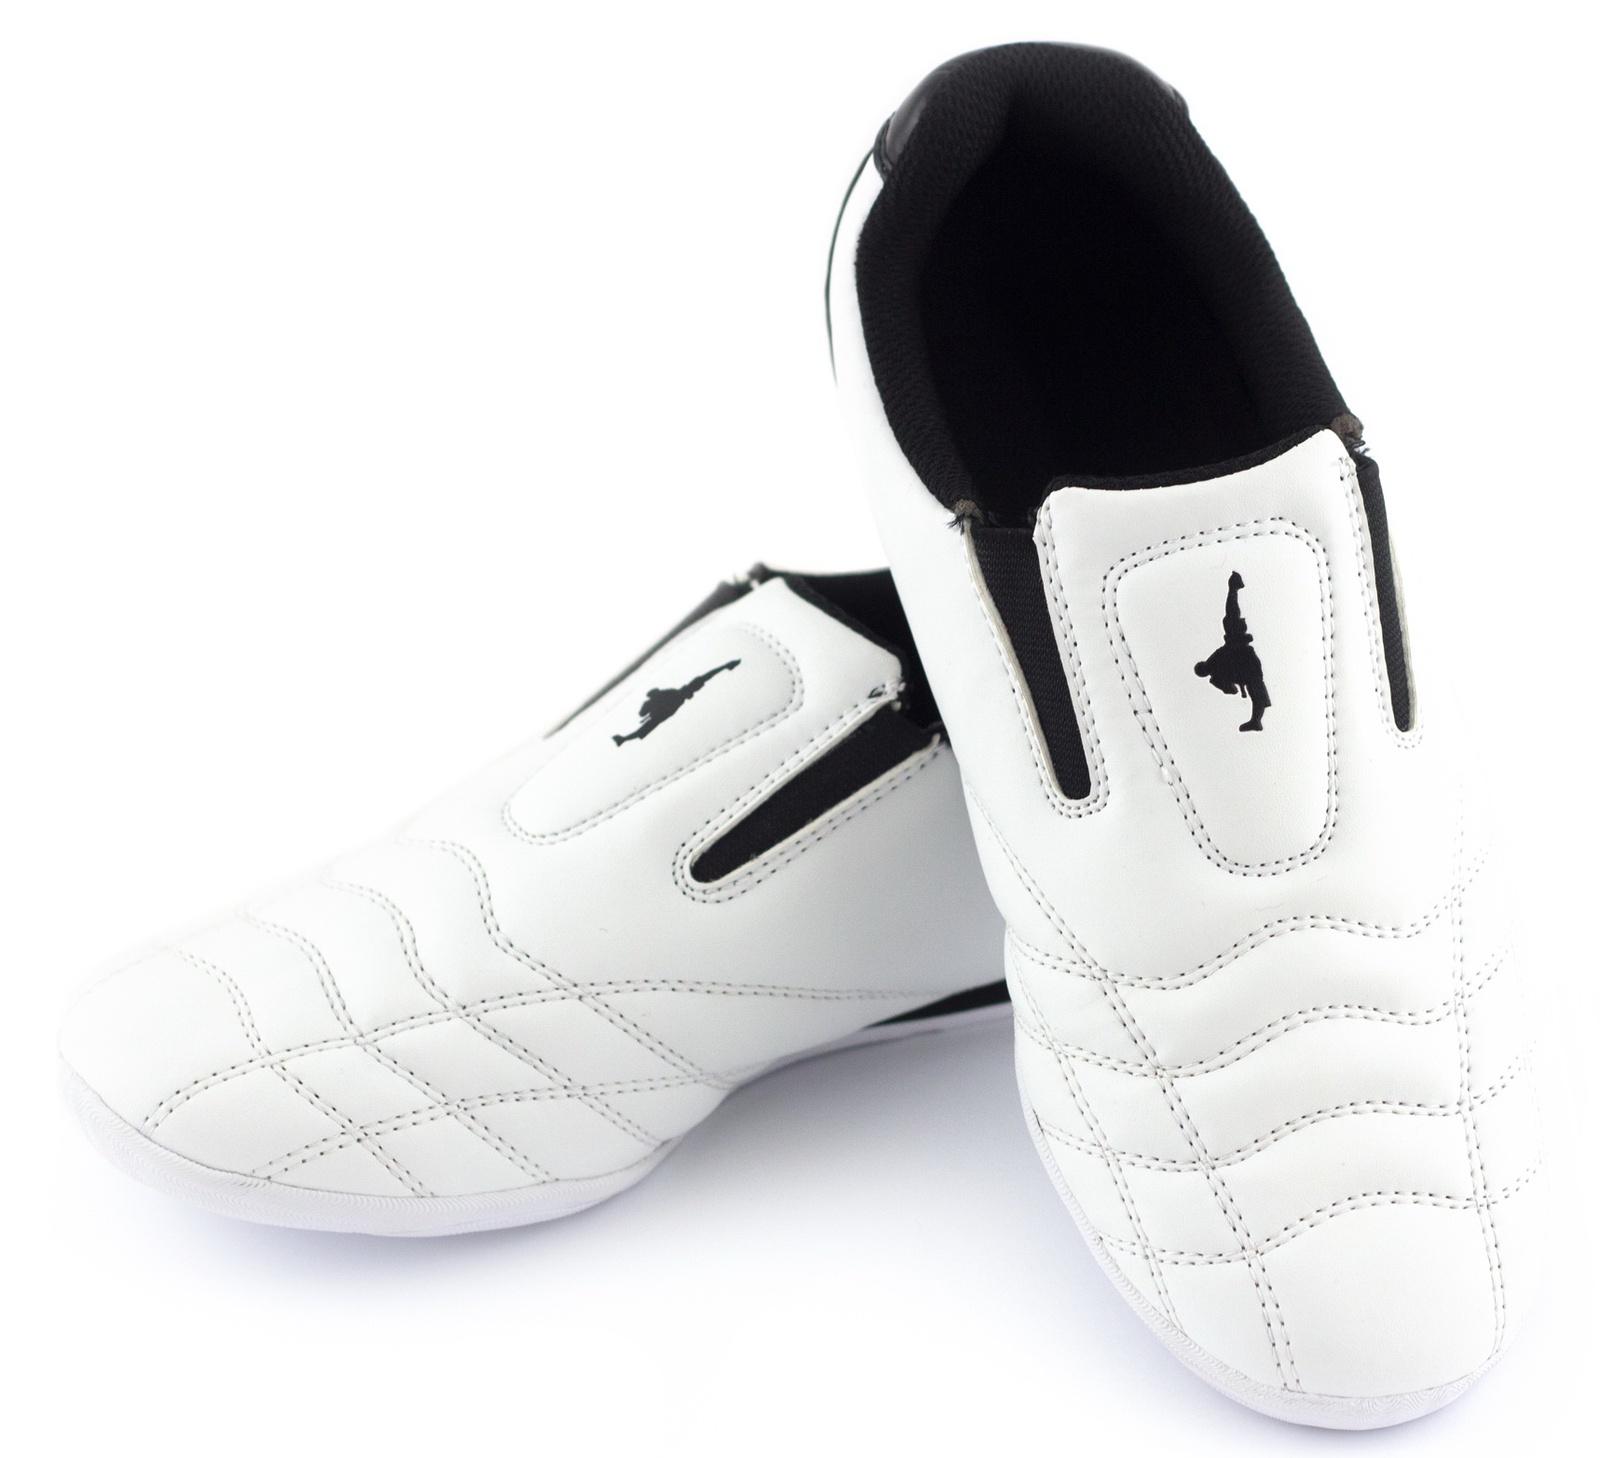 Кроссовки Khan кроссовки khan белый 36 размер